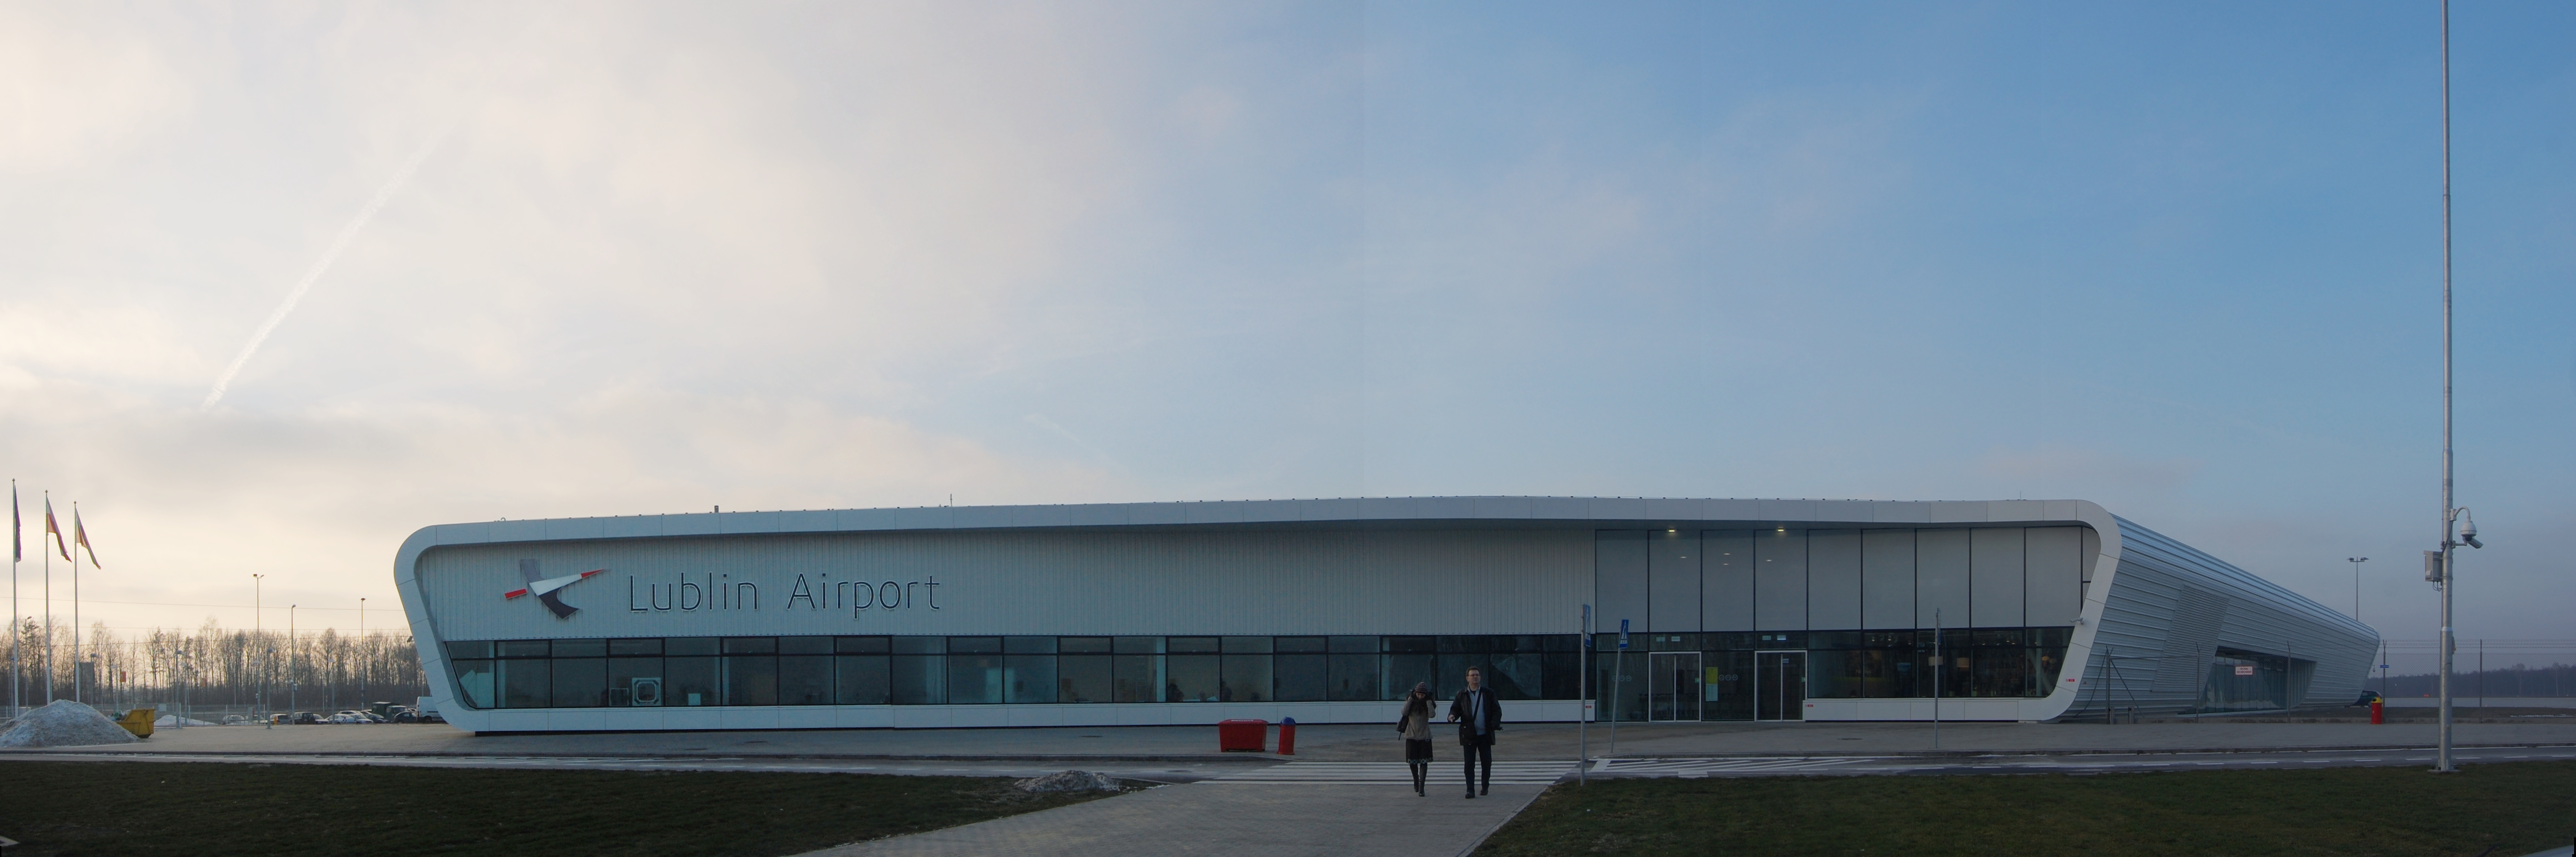 Car rental Lublin airport